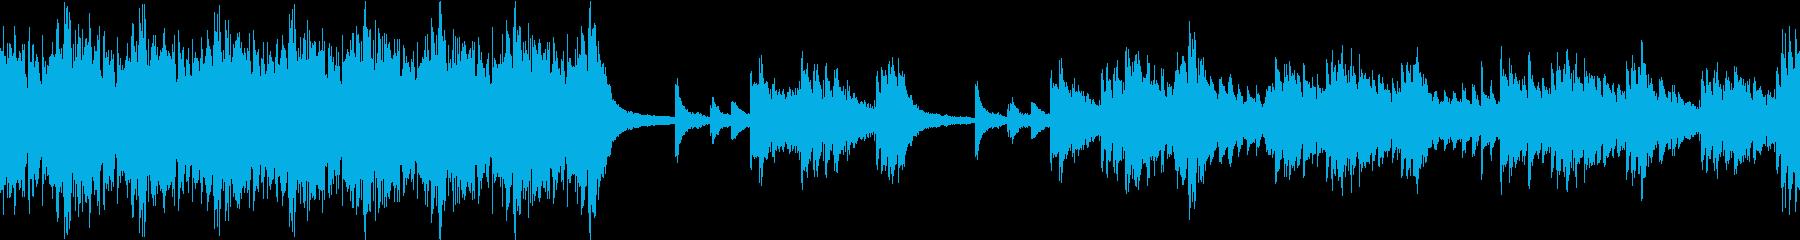 【ループ】かっこいいファンタジー系戦闘曲の再生済みの波形